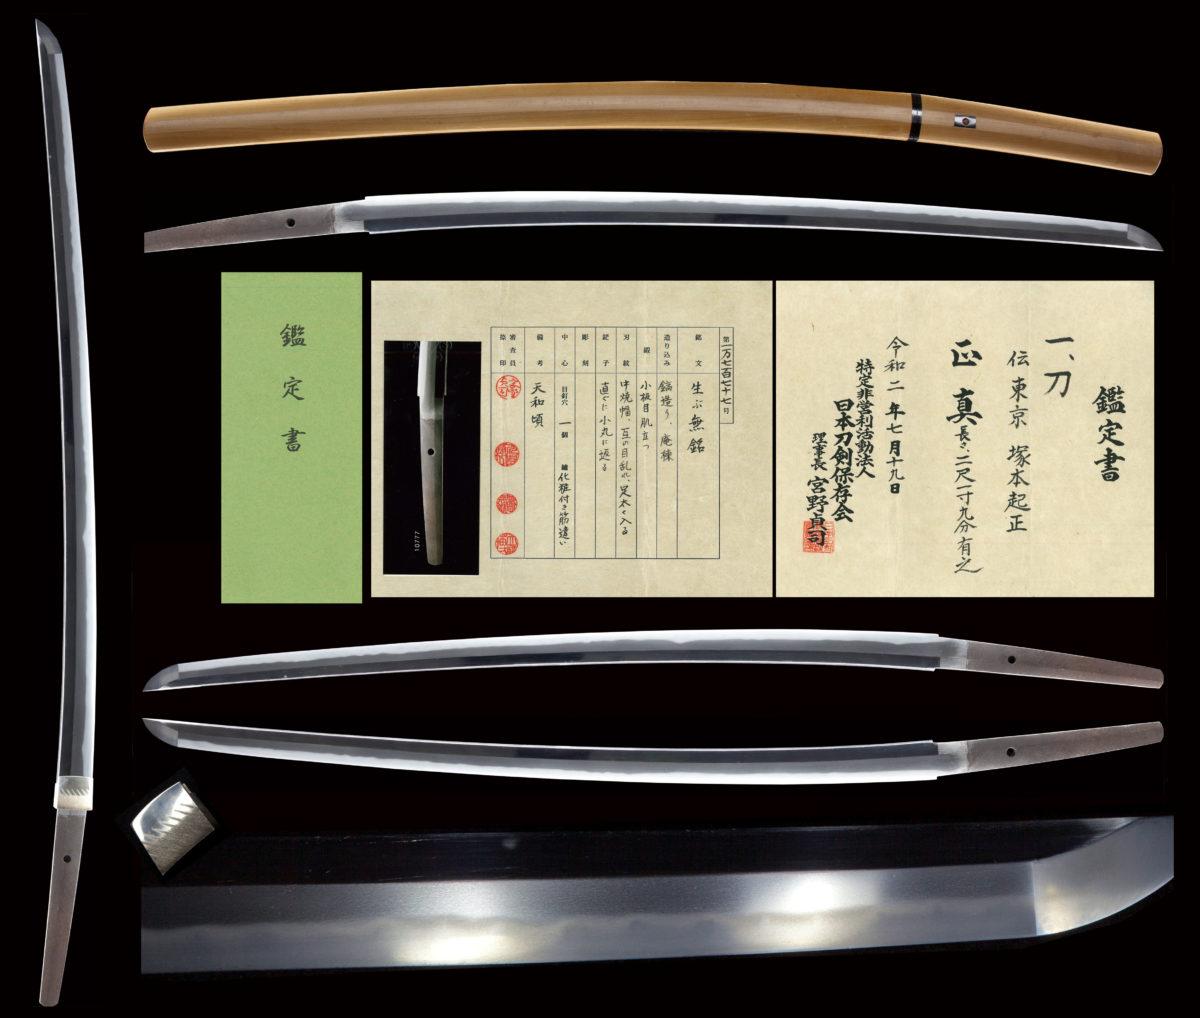 日本刀剣保存会の鑑定書がつく「塚本起正」の一振り。昭和の清麿と言わしめ43才の若さで亡くなるも刀作を続けられれば人間国宝と言われていた刀匠である。